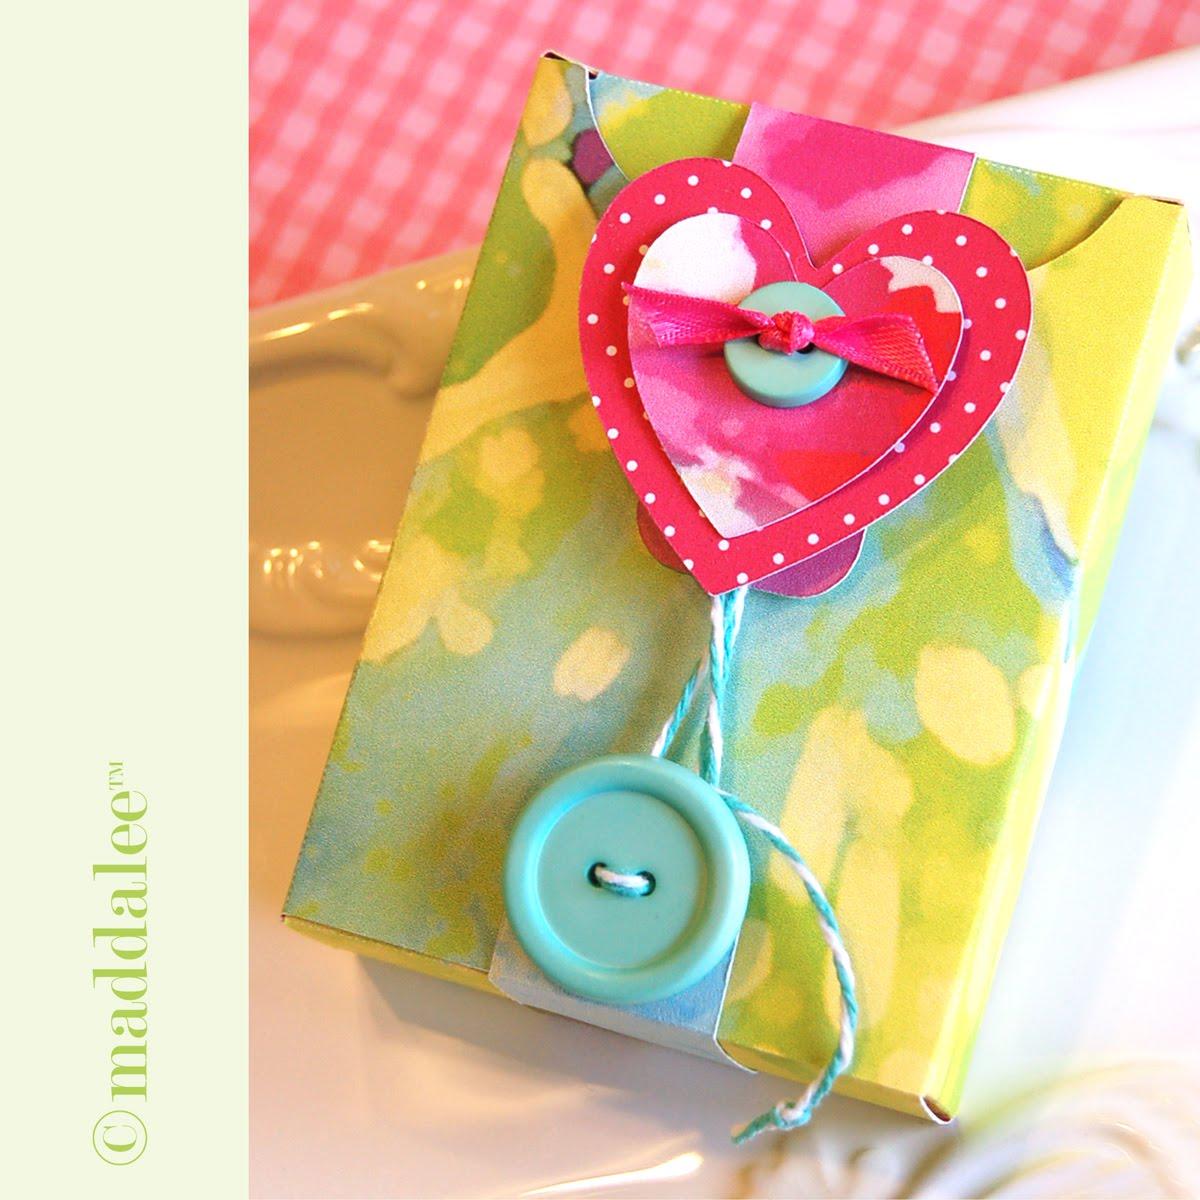 http://2.bp.blogspot.com/-1yS3en1vAr0/URqLXeYsWeI/AAAAAAAAGMA/d0oanNubaFA/s1600/photoshop-watercolor-tut2.jpg